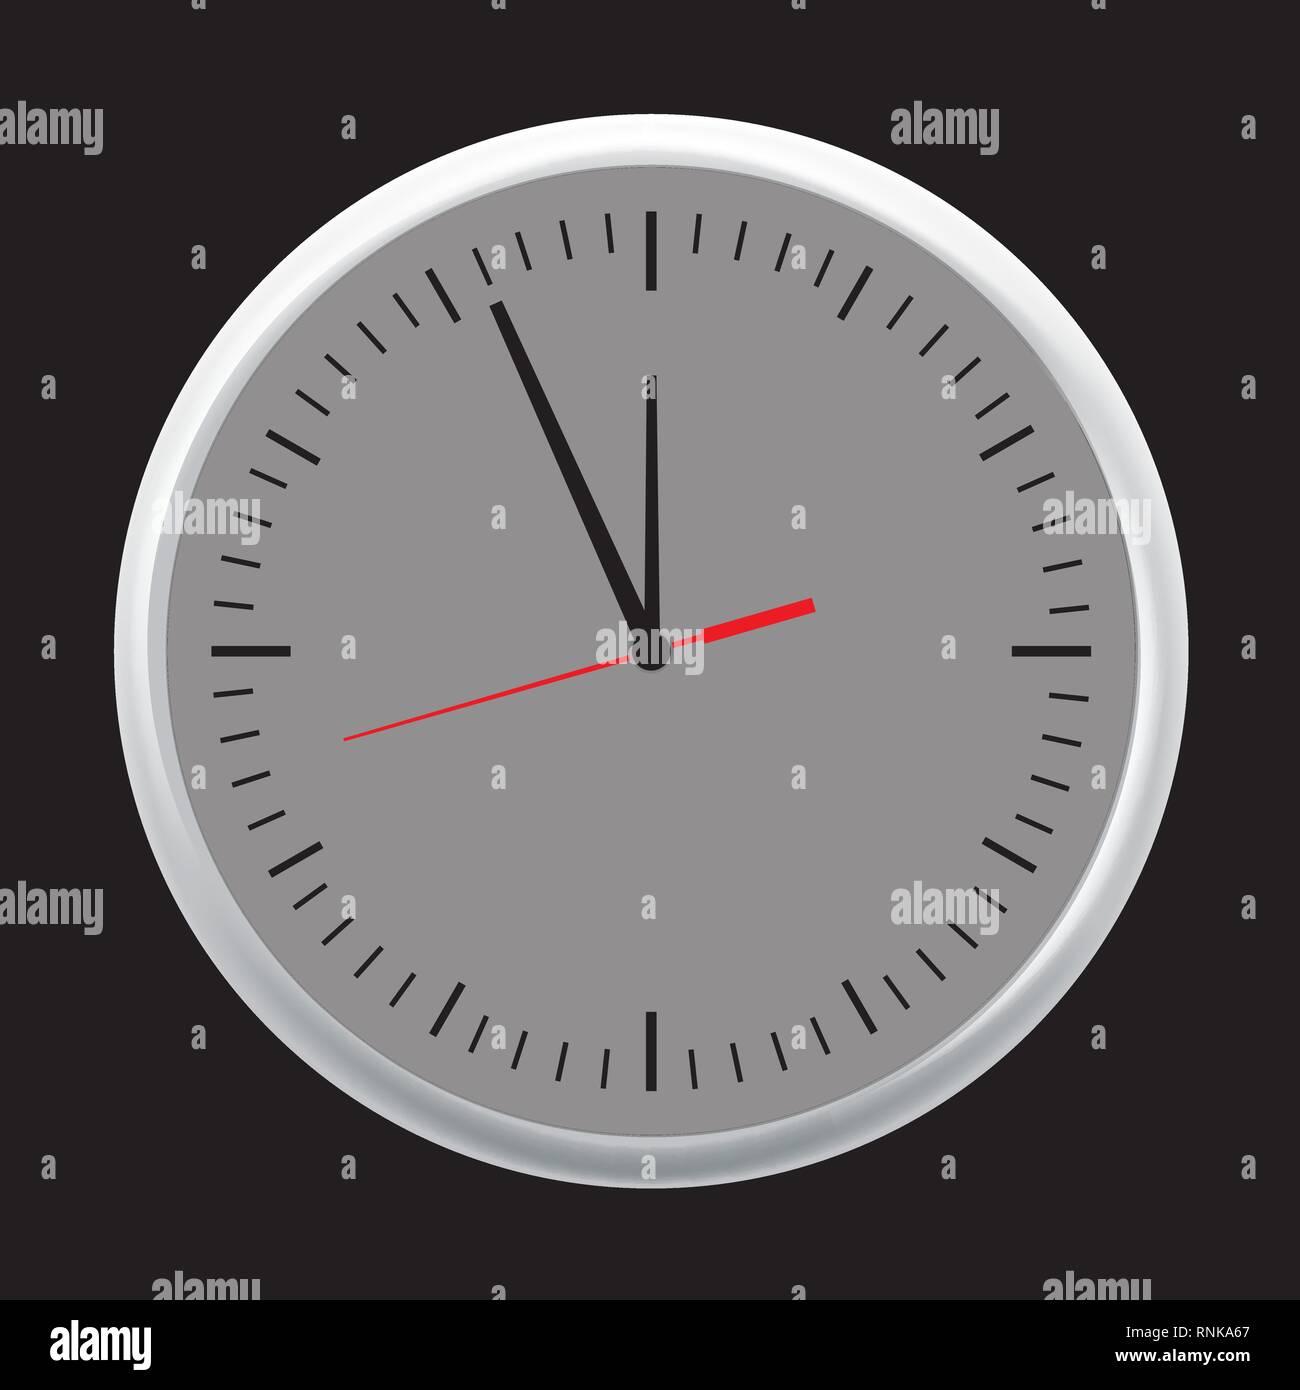 61dece85f18d Reloj de pared blanco oficina conjunto de iconos mostrando cinco minutos  para las doce. Ilustración vectorial.